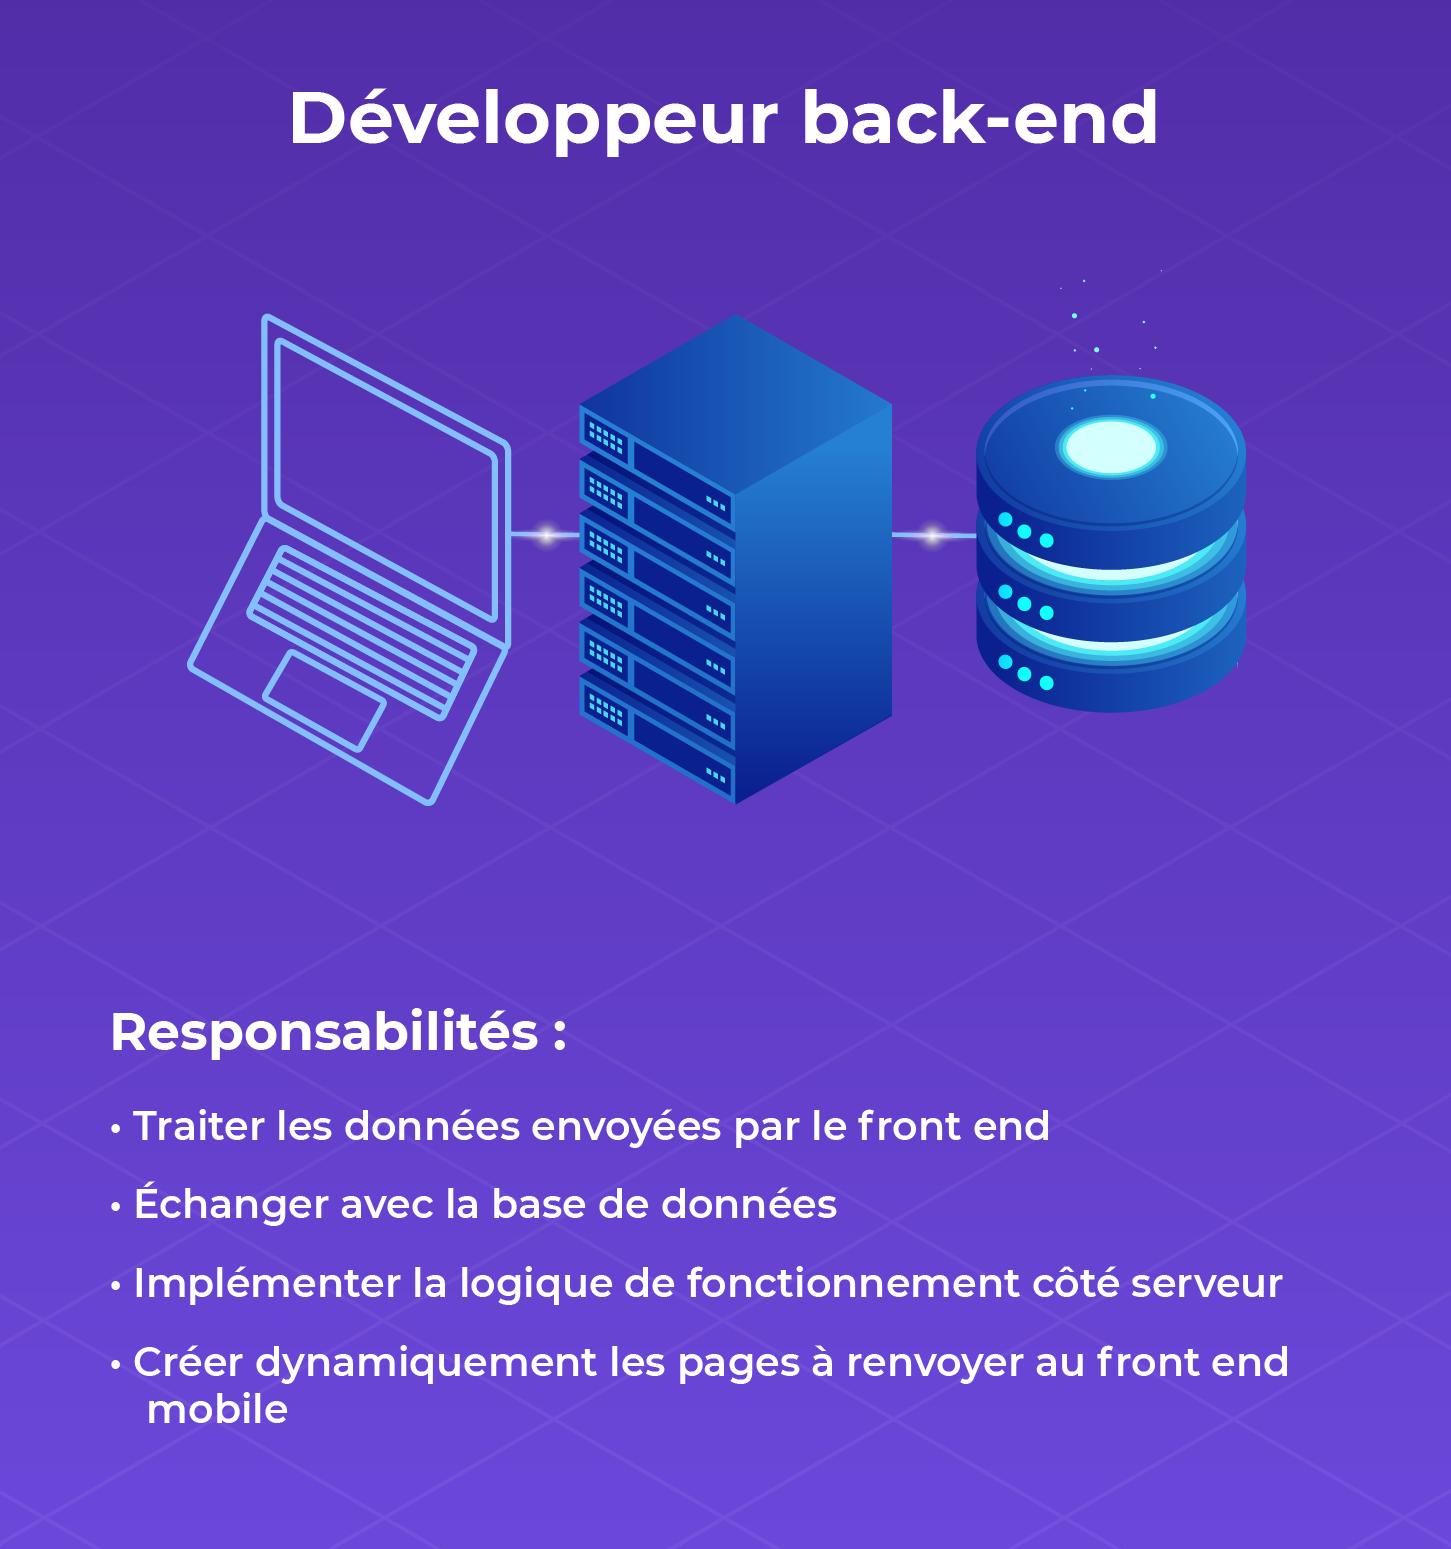 Fiche métier du développeur back-end